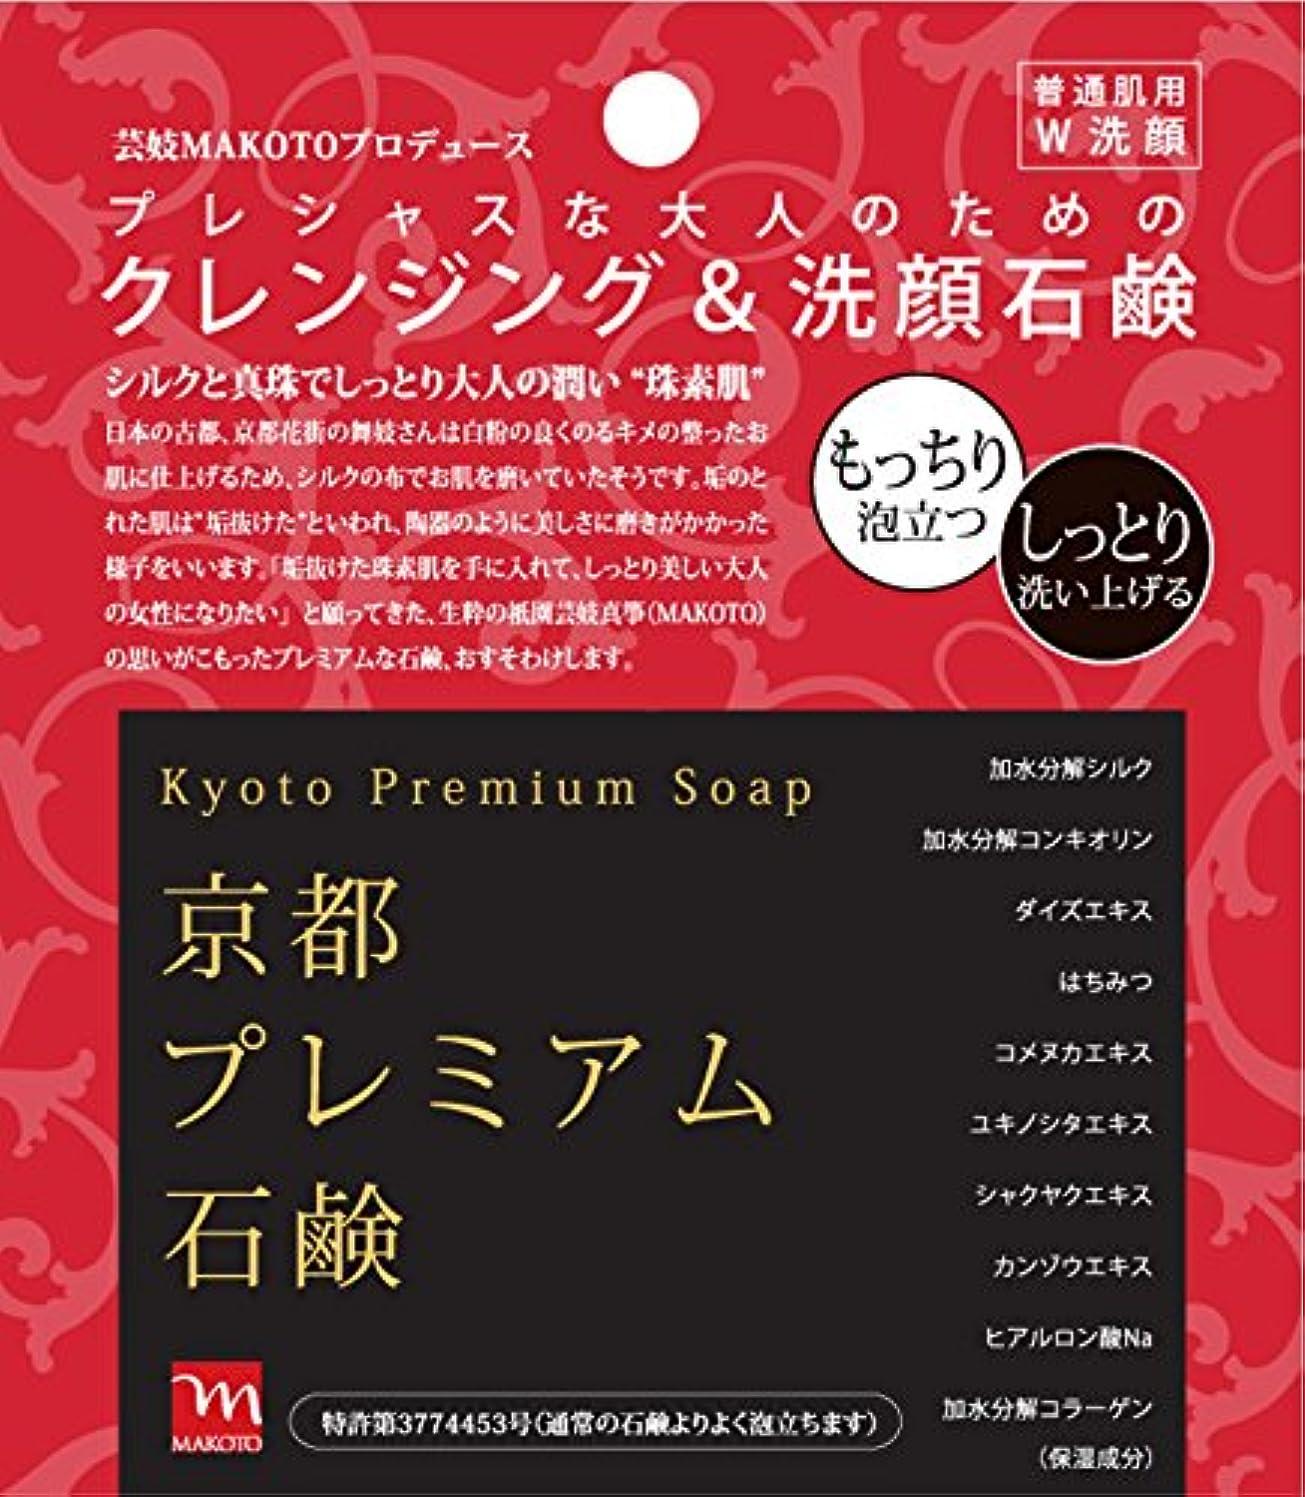 汚いマーティフィールディング無関心京都プレミアム石鹸 クレンジング&洗顔石鹸 しっとり もっちり 芸妓さん監修